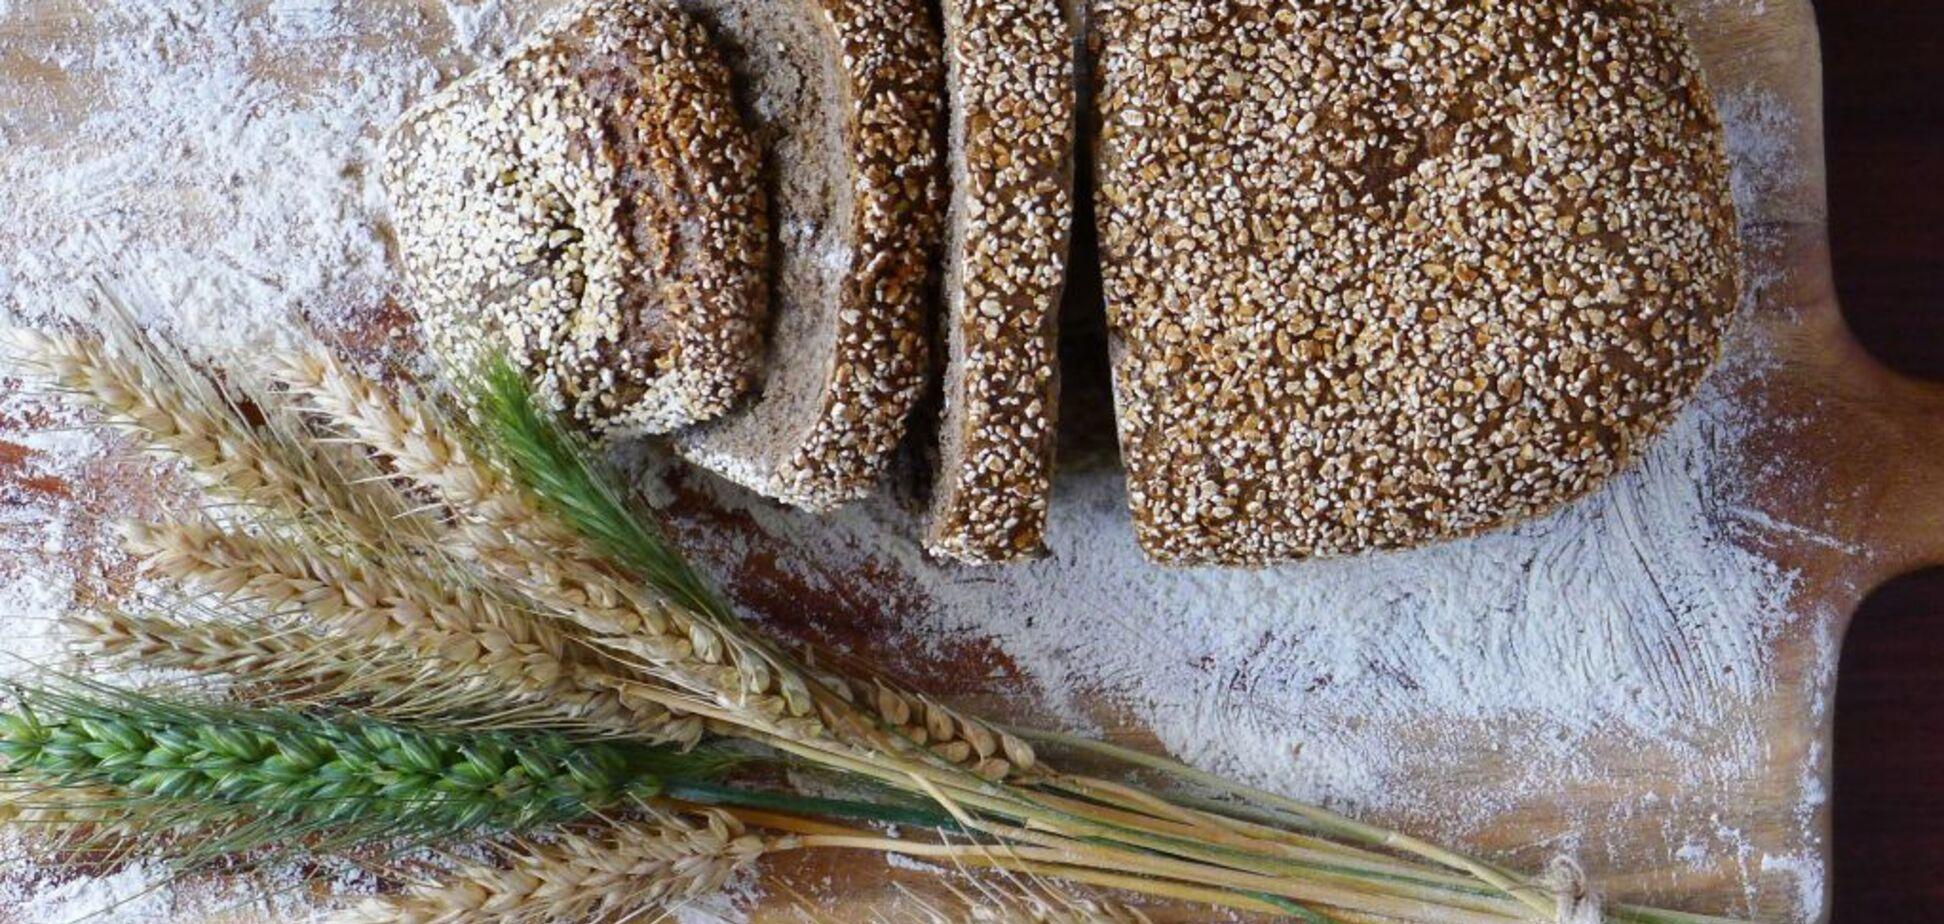 Як знизити високий тиск за допомогою харчування: озвучено 5 рекомендацій